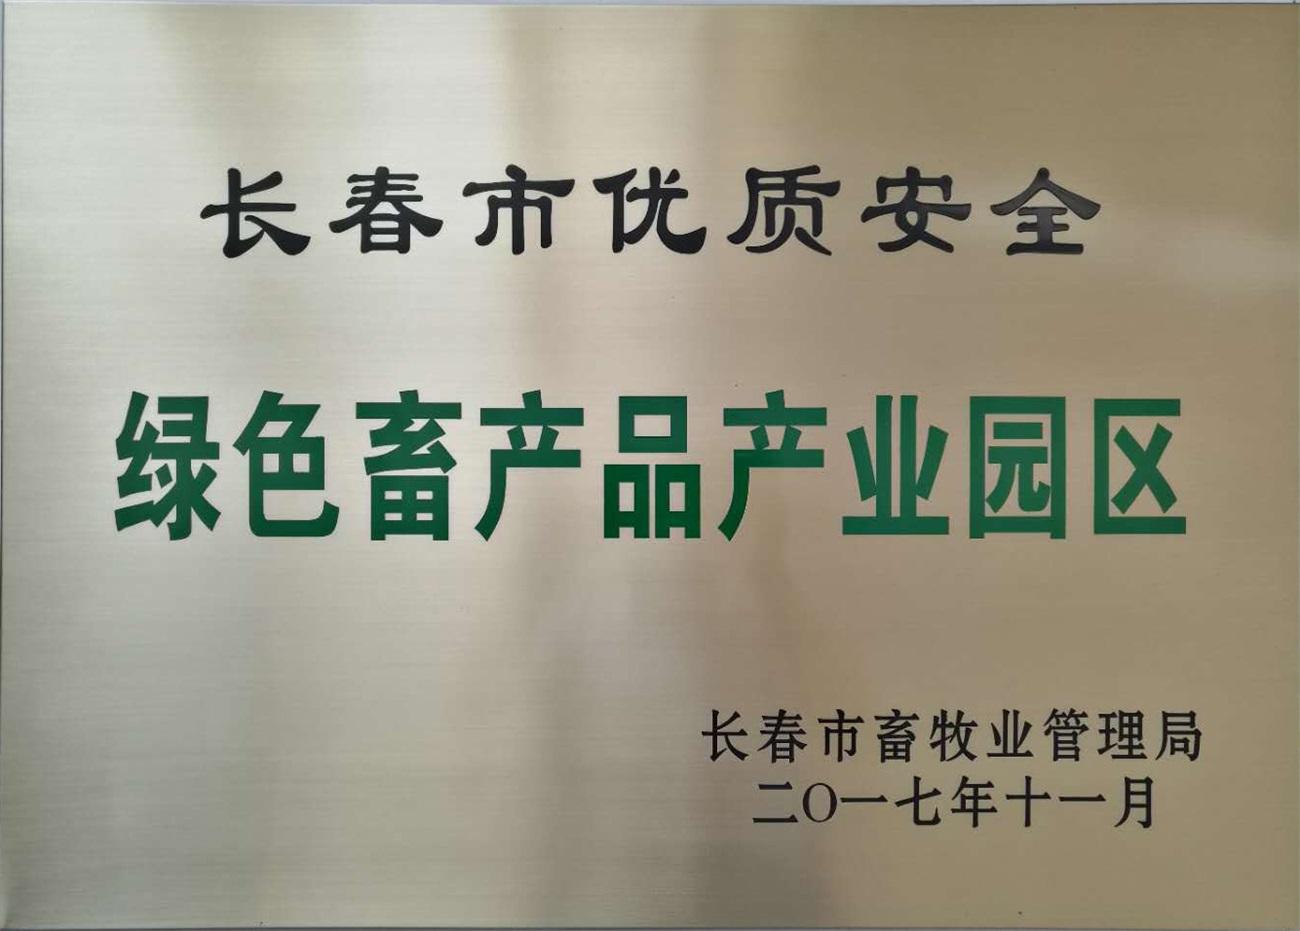 綠色畜產品產業園區